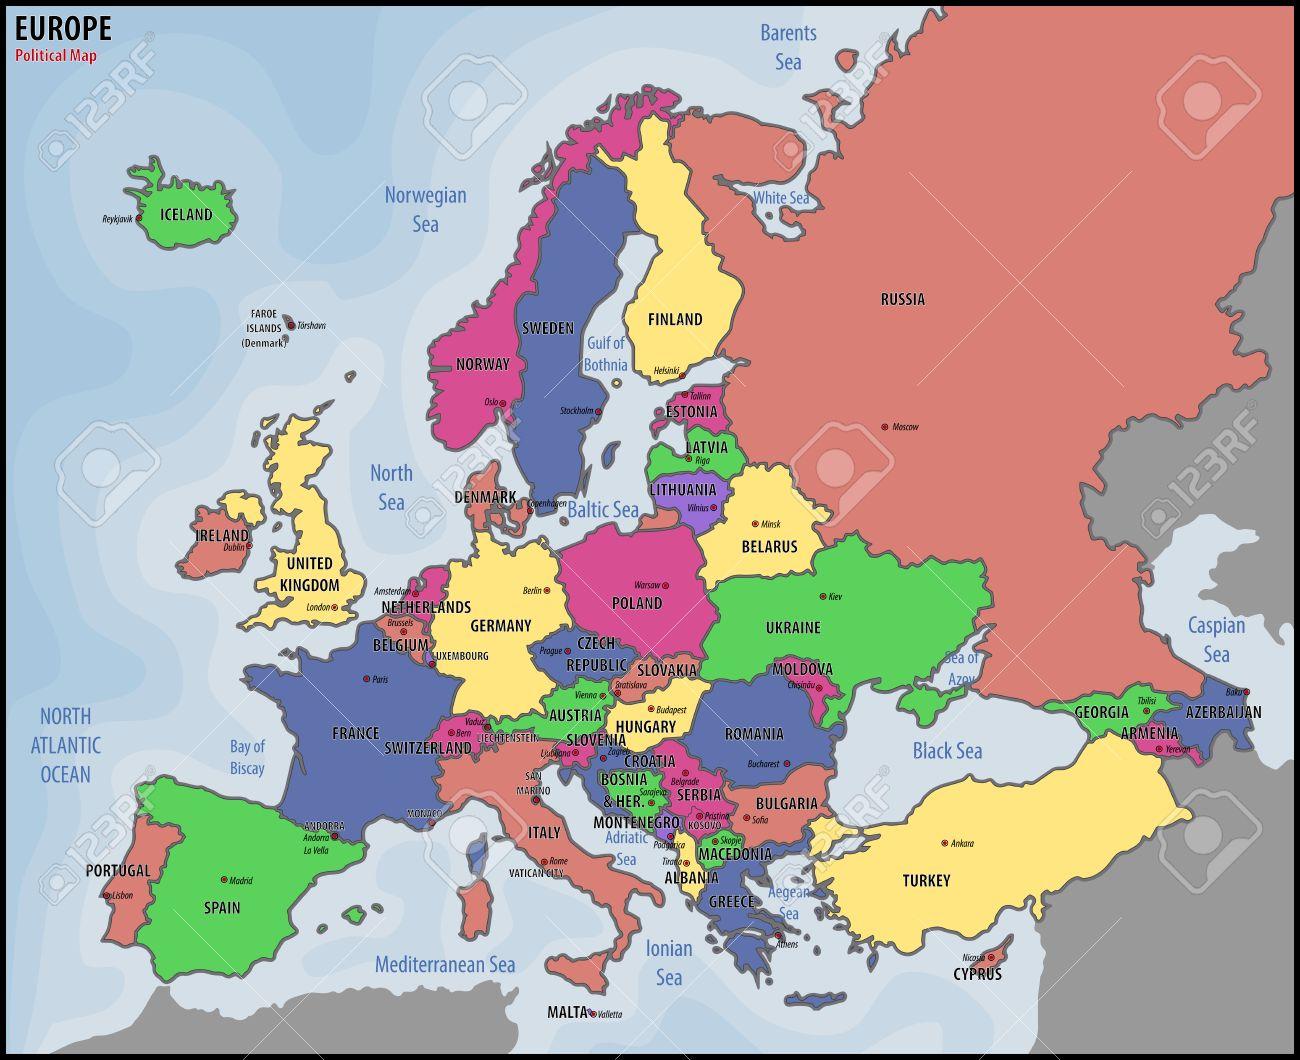 Mapa De Europa Politico.Europa Mapa Politico